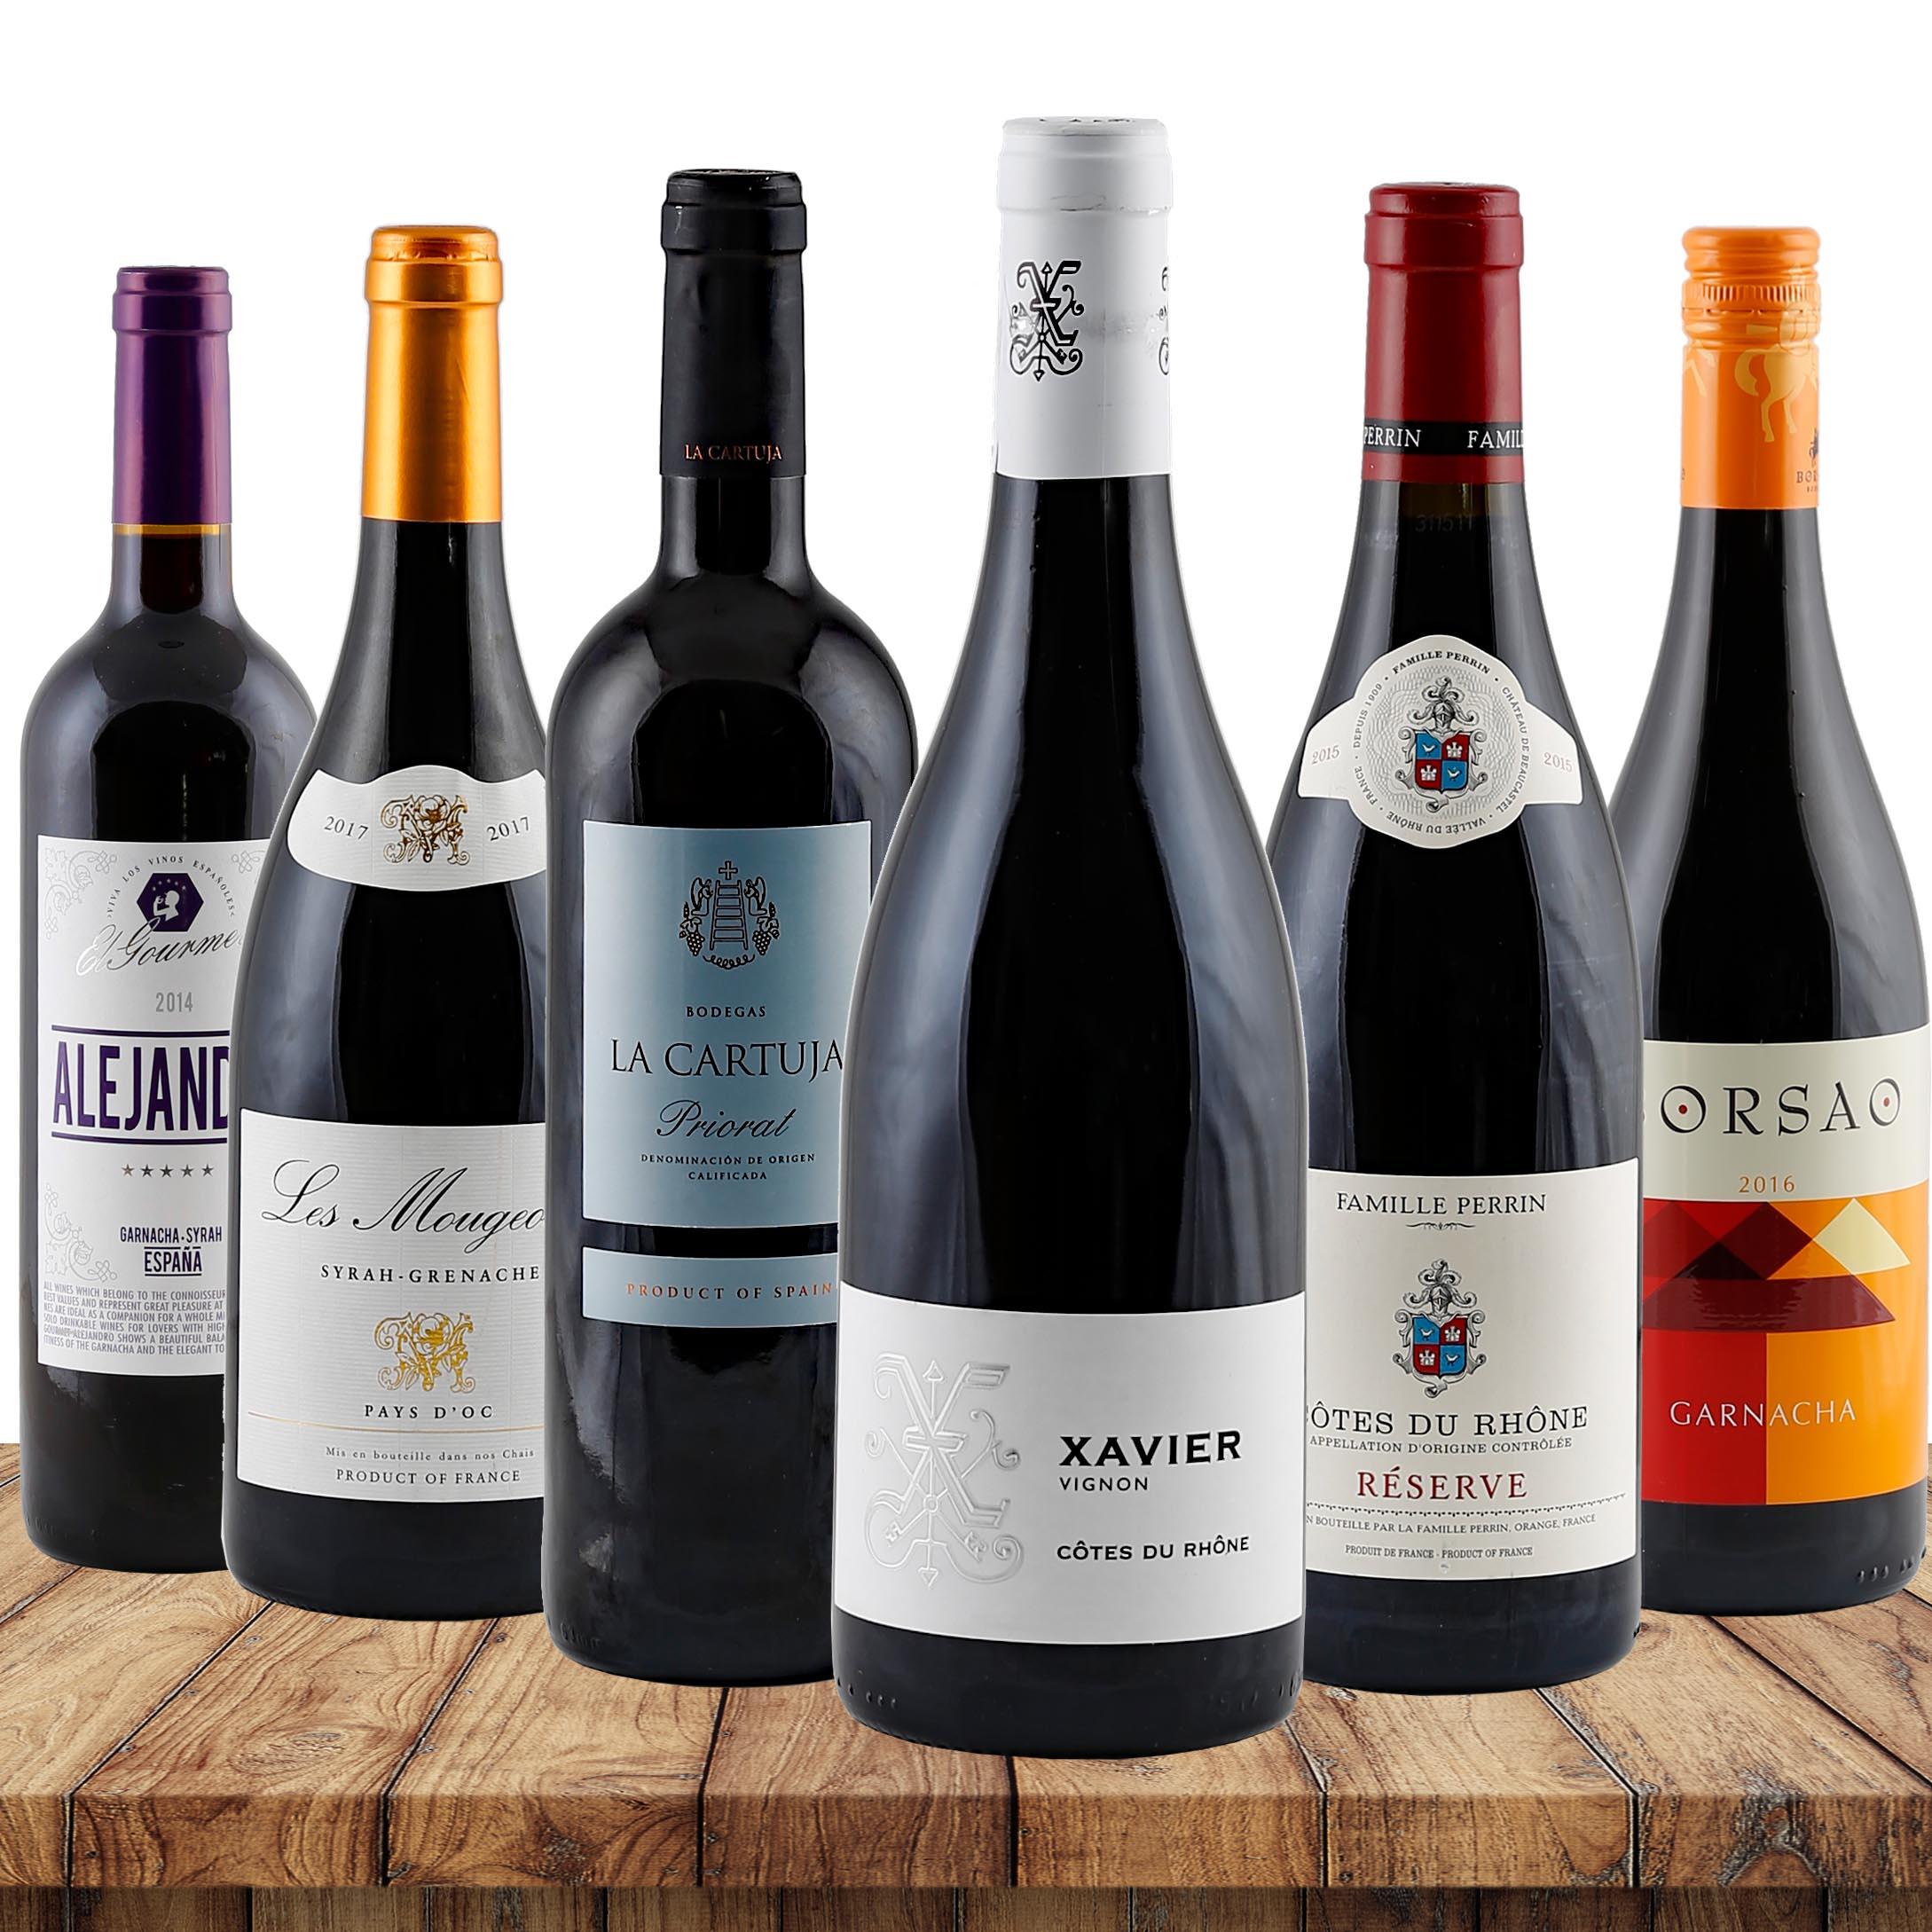 Garnacha-Grenache Favoriten verschiedene Weingü...